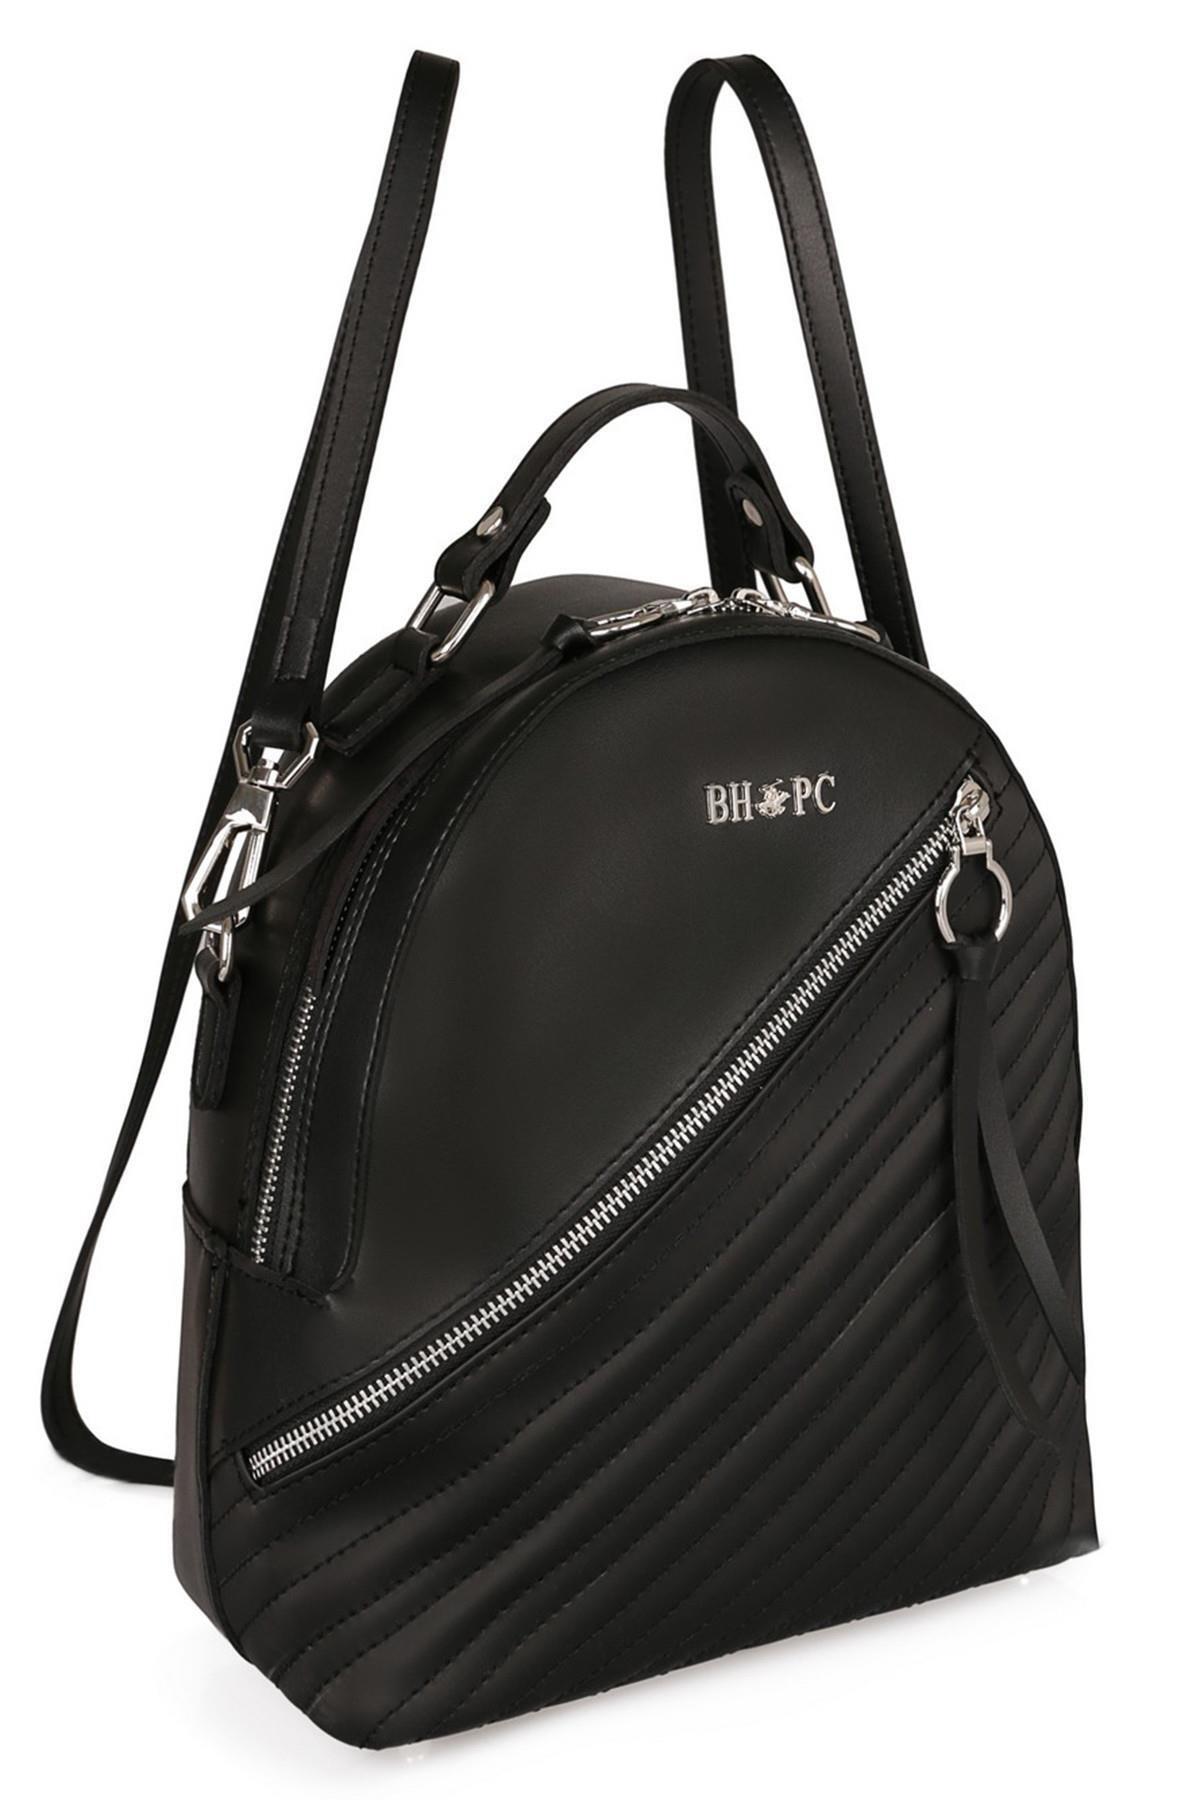 Beverly Hills Polo Club Kadın Kalıplı Sırt Çantası Siyah